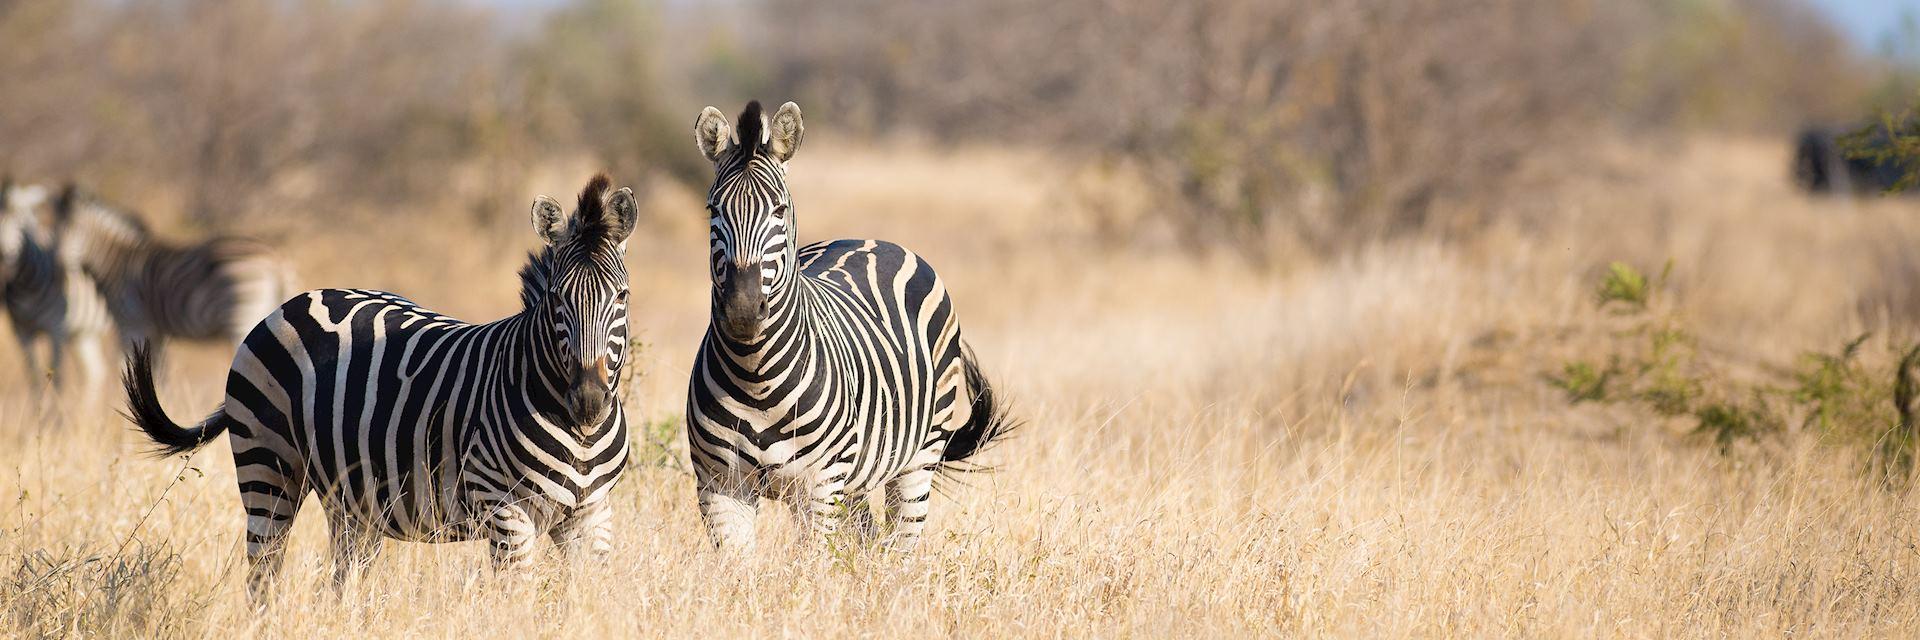 Zebra in Greater Kruger National Park